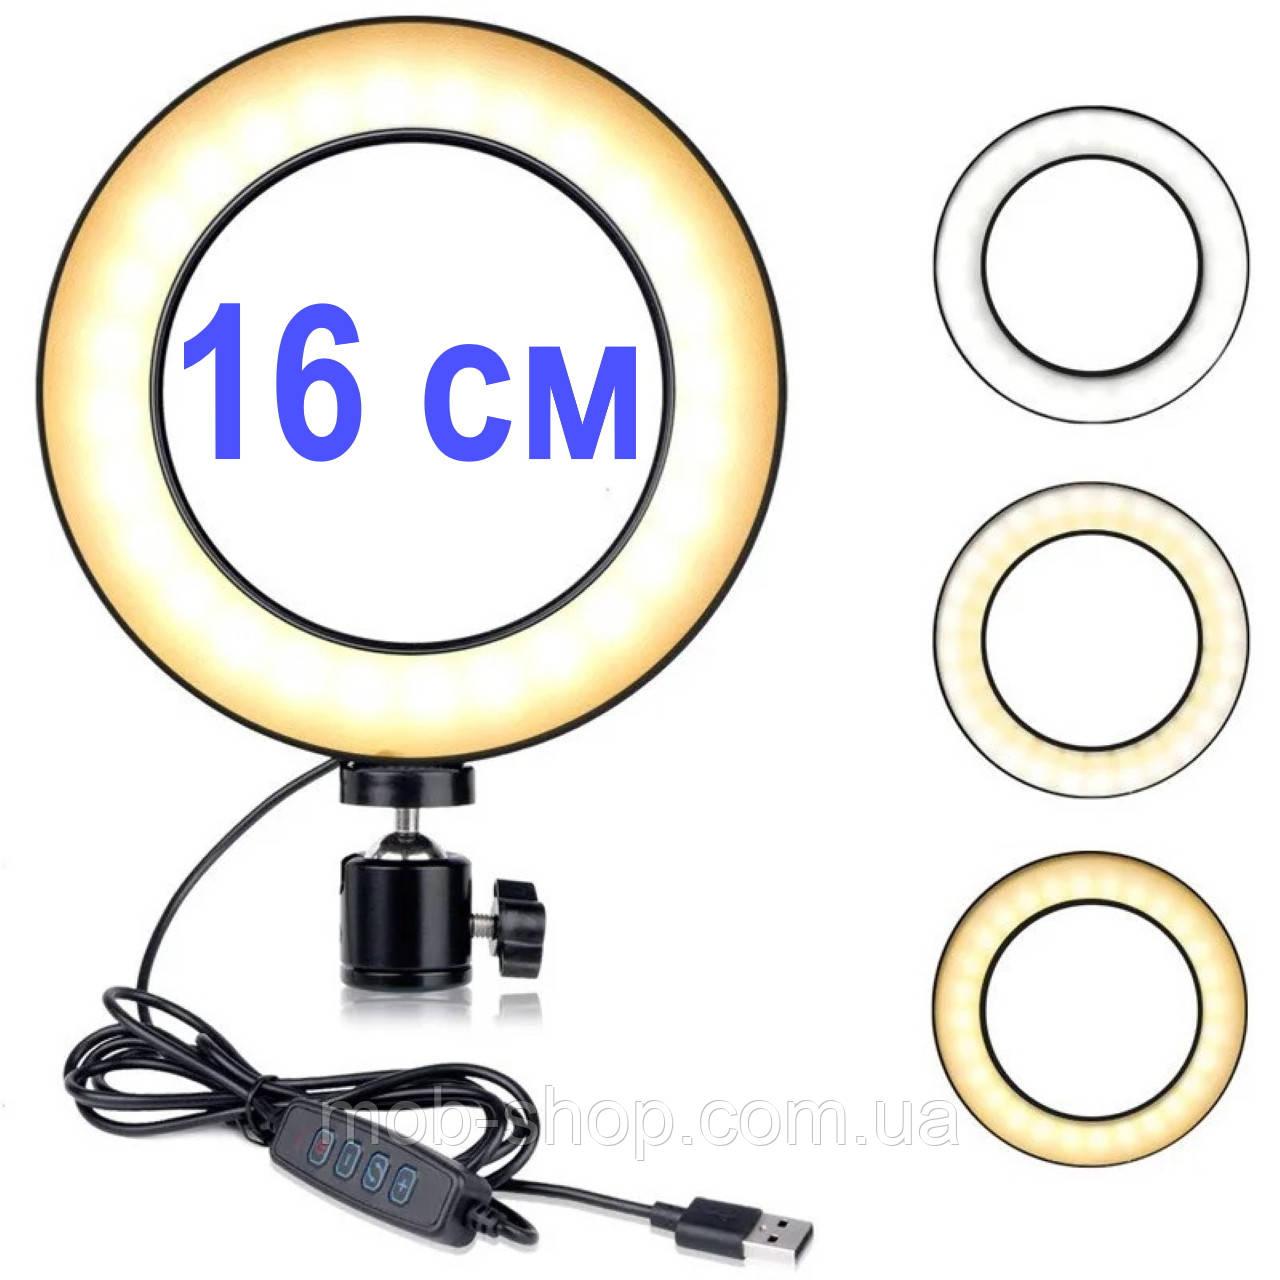 Кільцева світлодіодна селфі Led Лампа 16 см кільцеве світло, селфі лампа / селфі кільце EL 1140